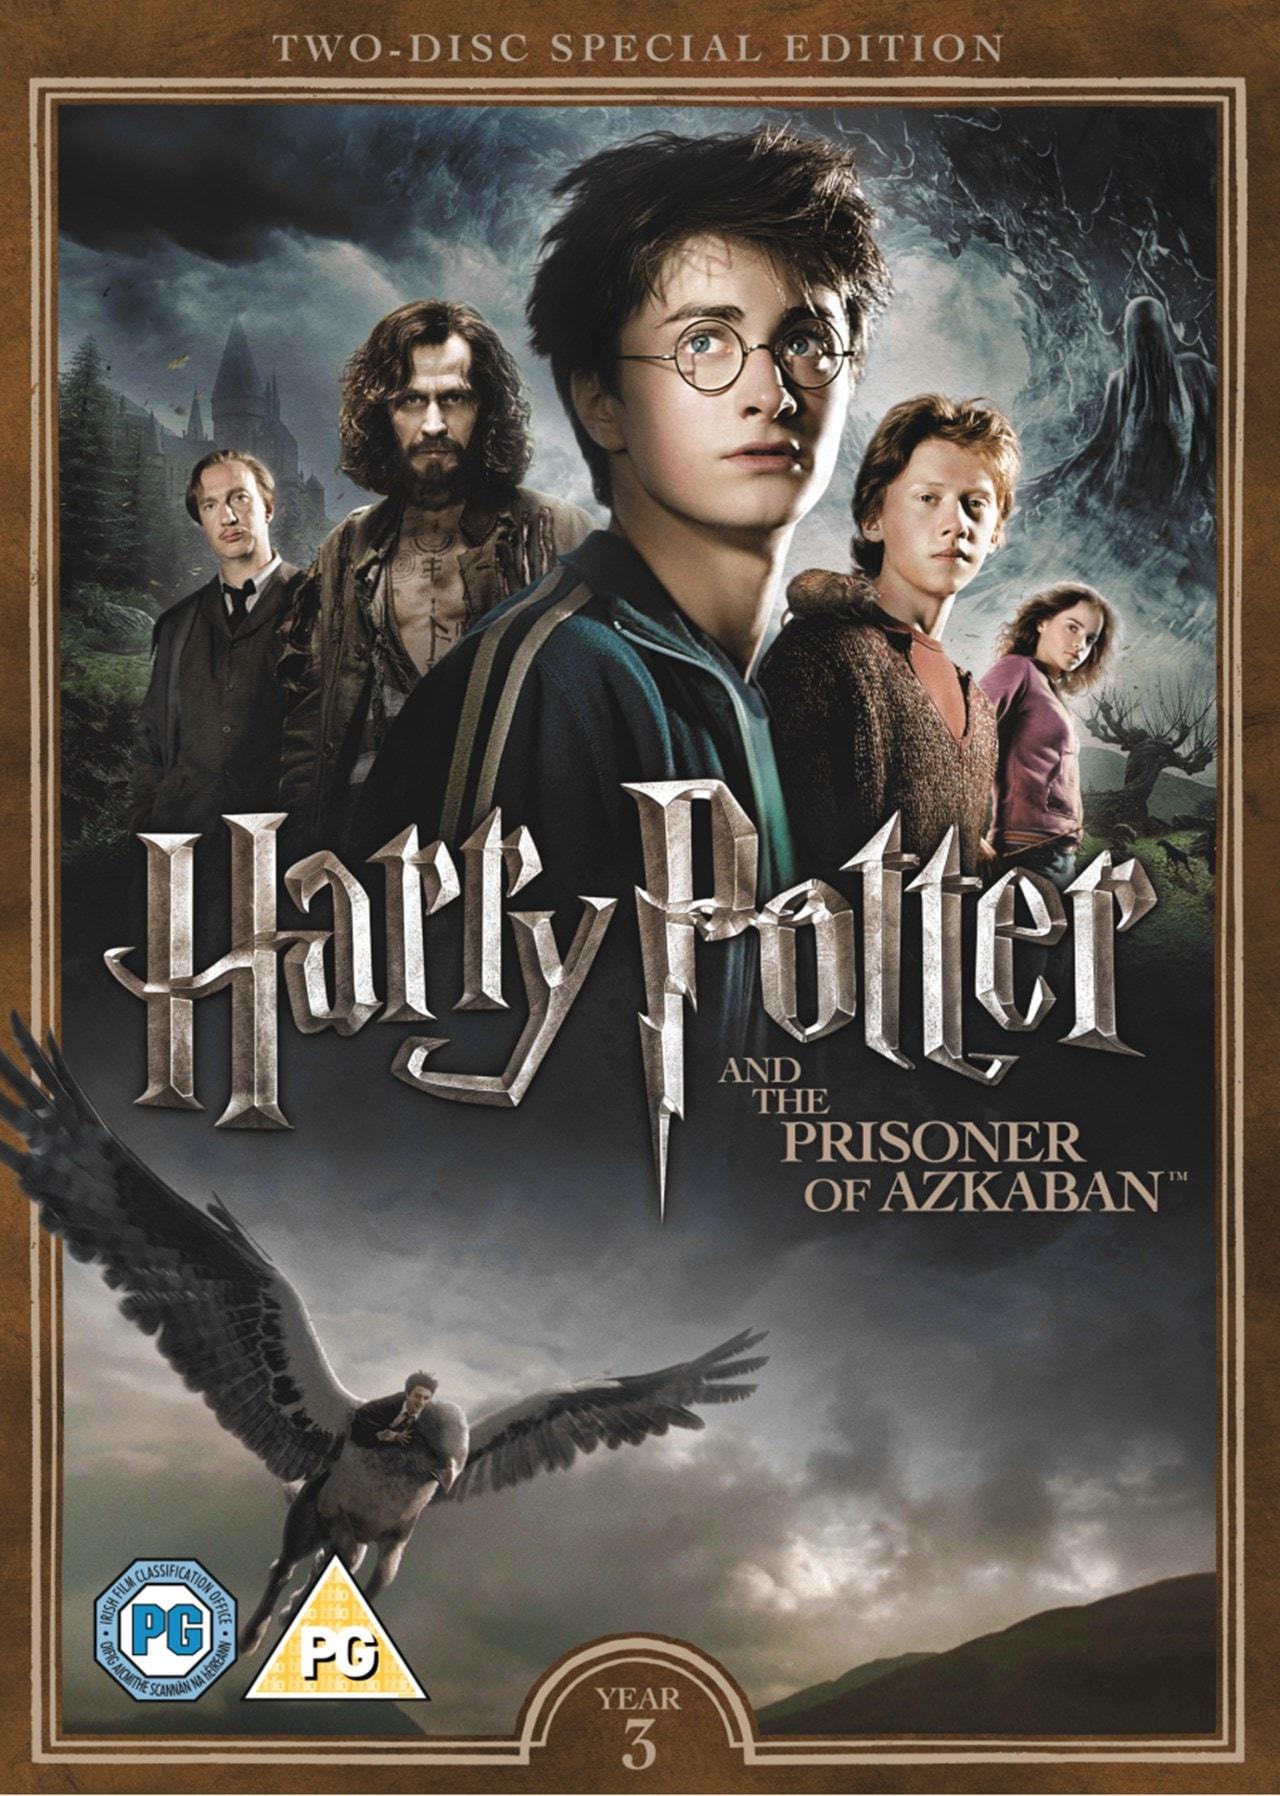 Harry Potter and the Prisoner of Azkaban - 1